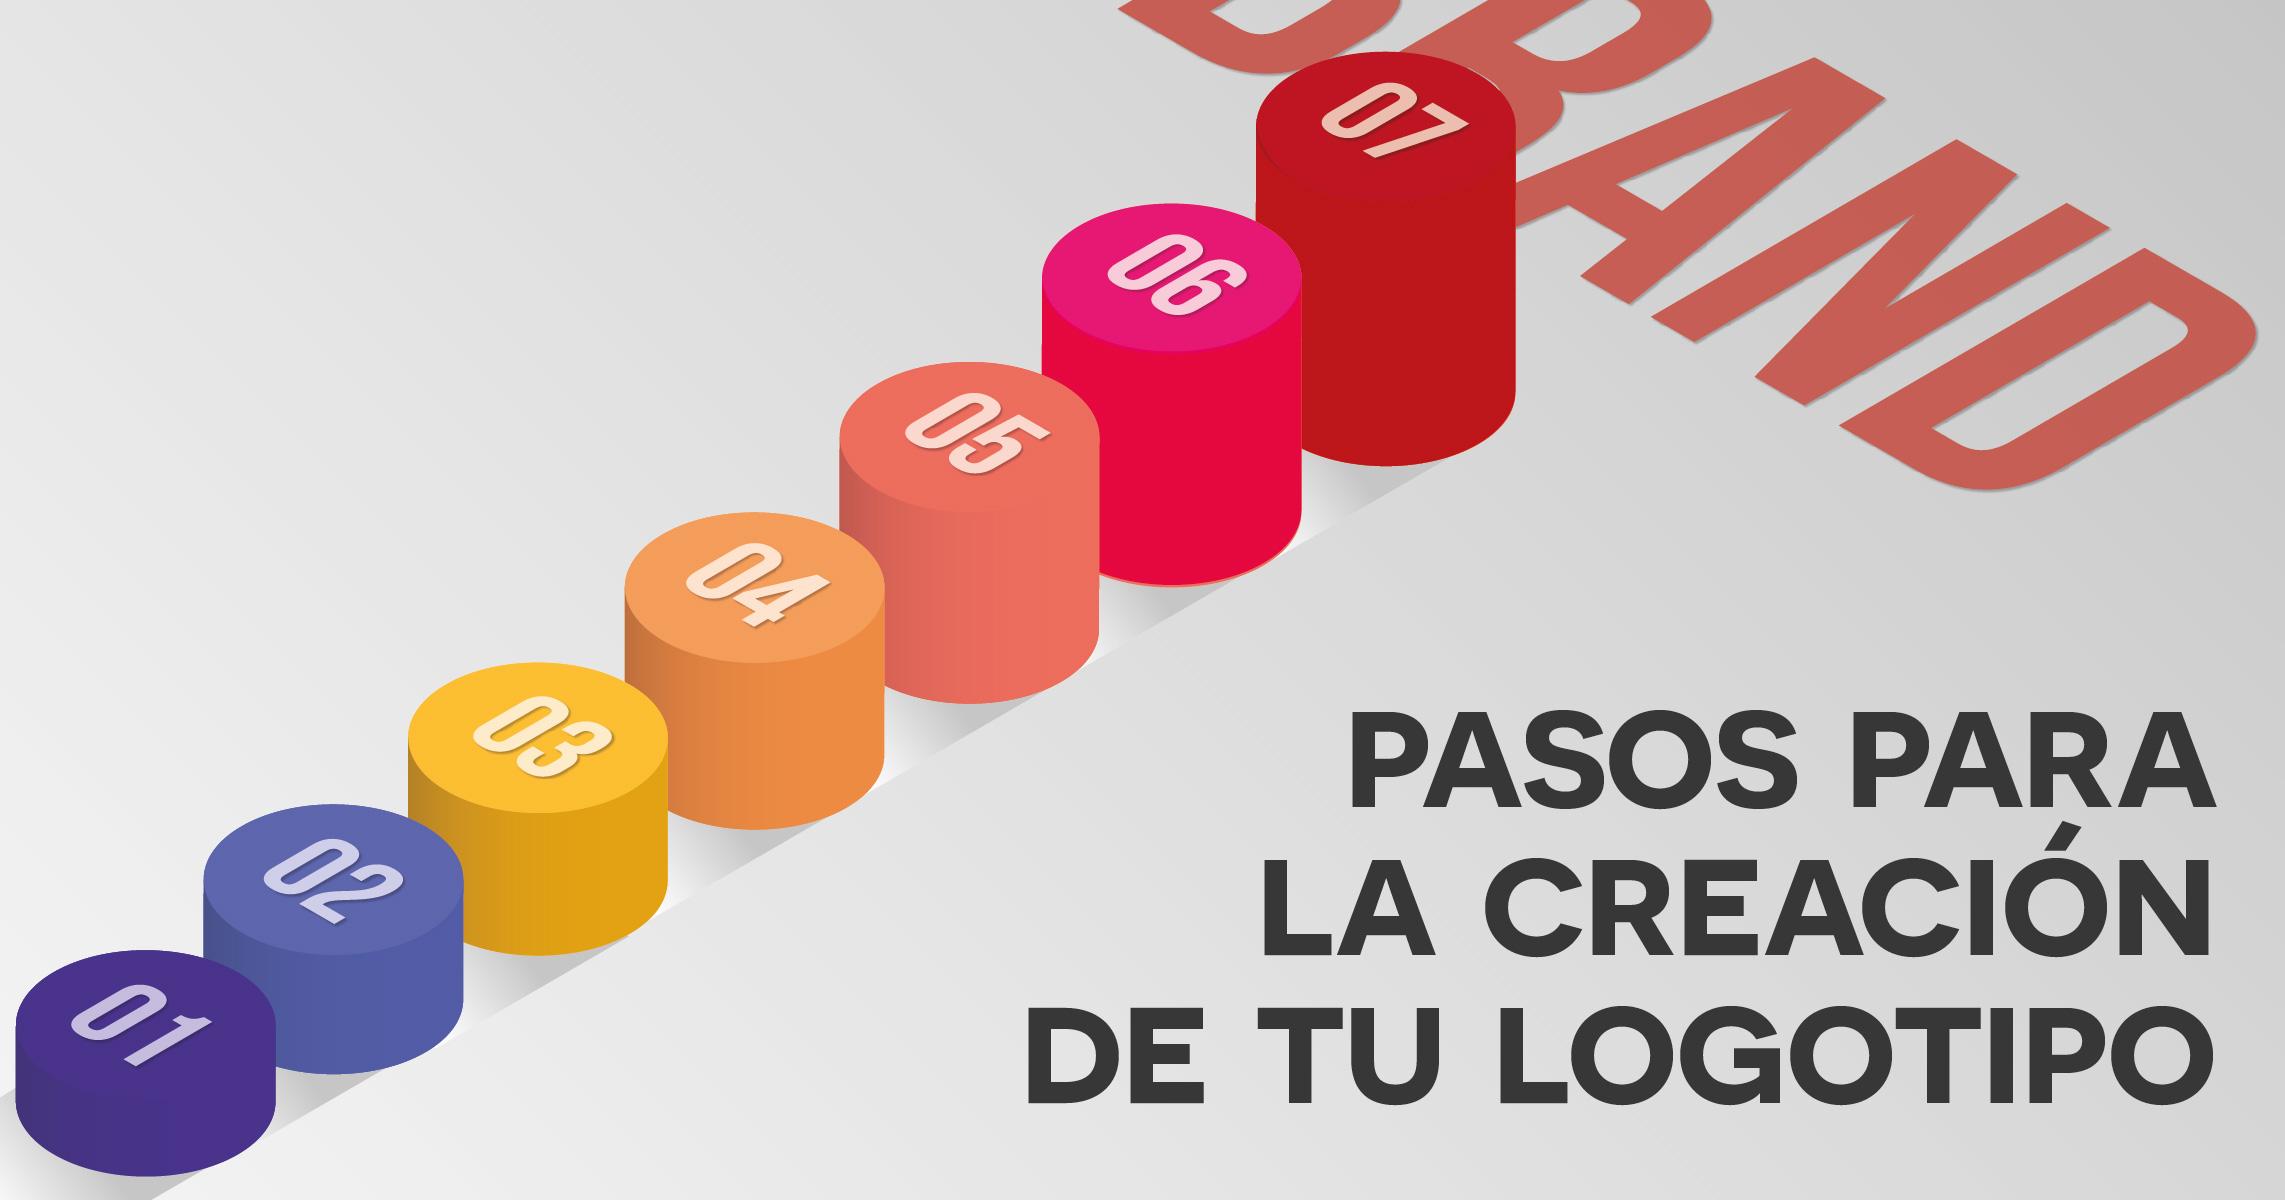 BP-pasos_para_la_creacion_de_tu_logotipo_Mesa de trabajo 1